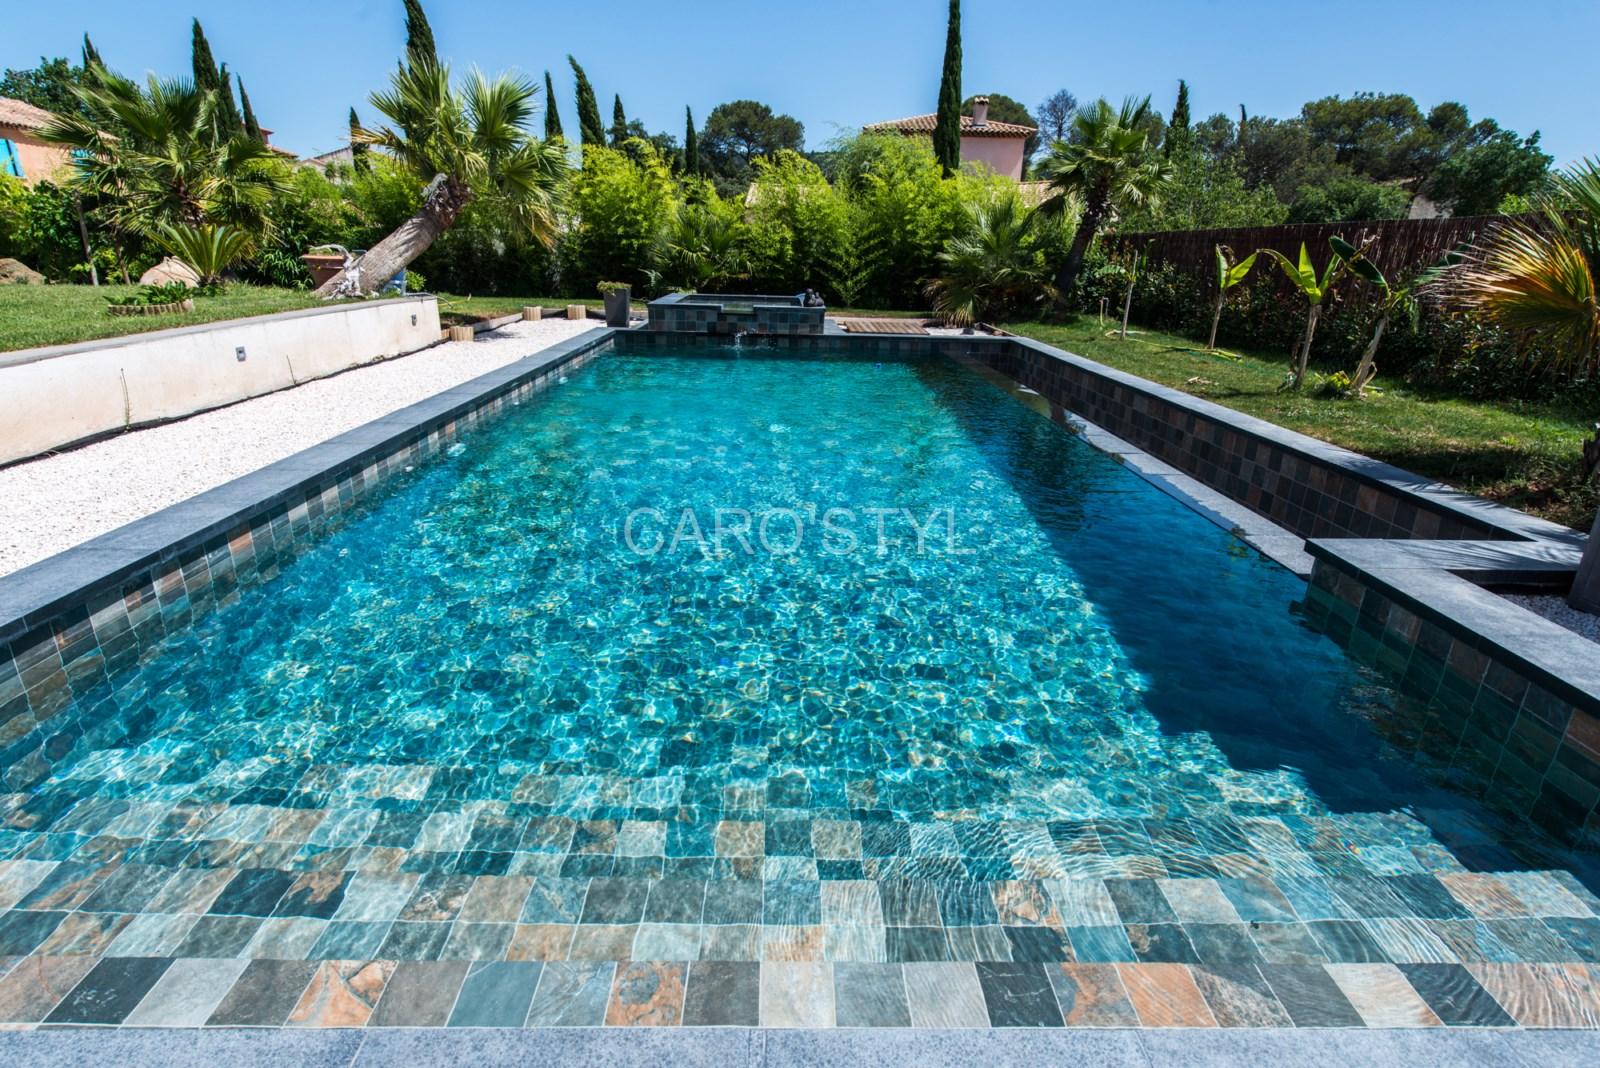 carrelage pour piscine aspect balinais proche n mes30 gard magasin de carrelage pierre. Black Bedroom Furniture Sets. Home Design Ideas